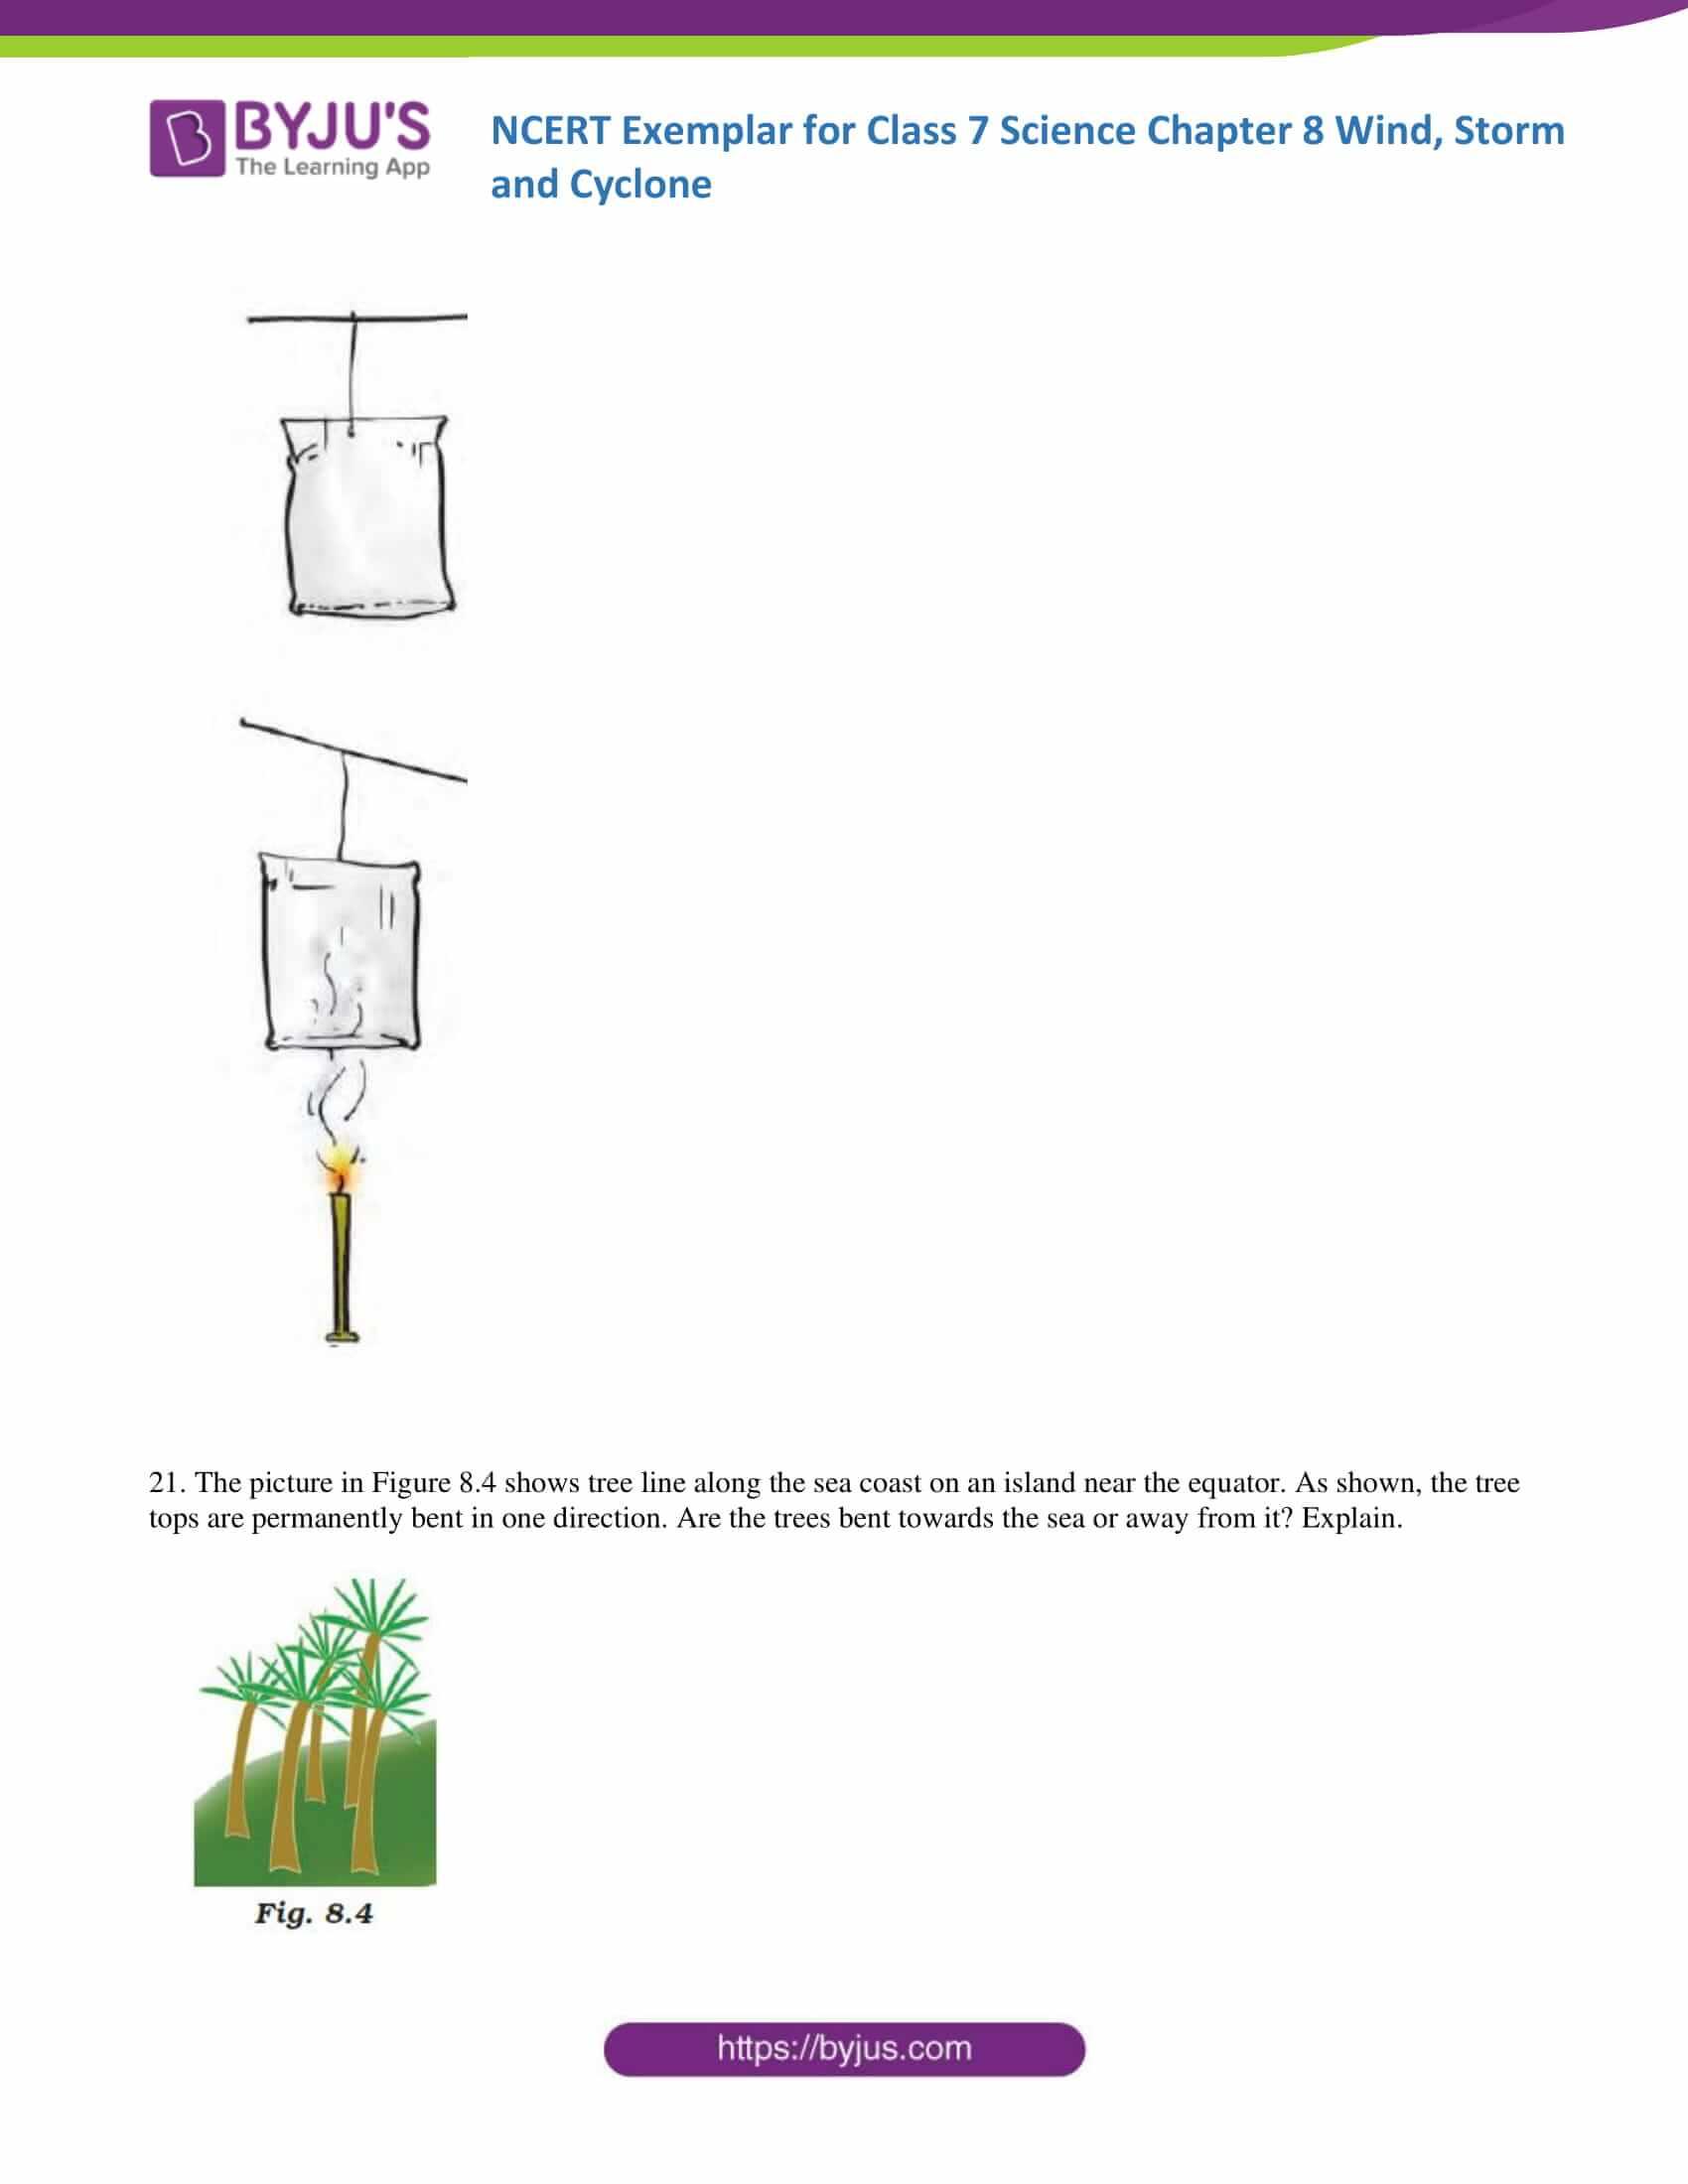 NCERT Exemplar solution class 7 science Chapter 8 7